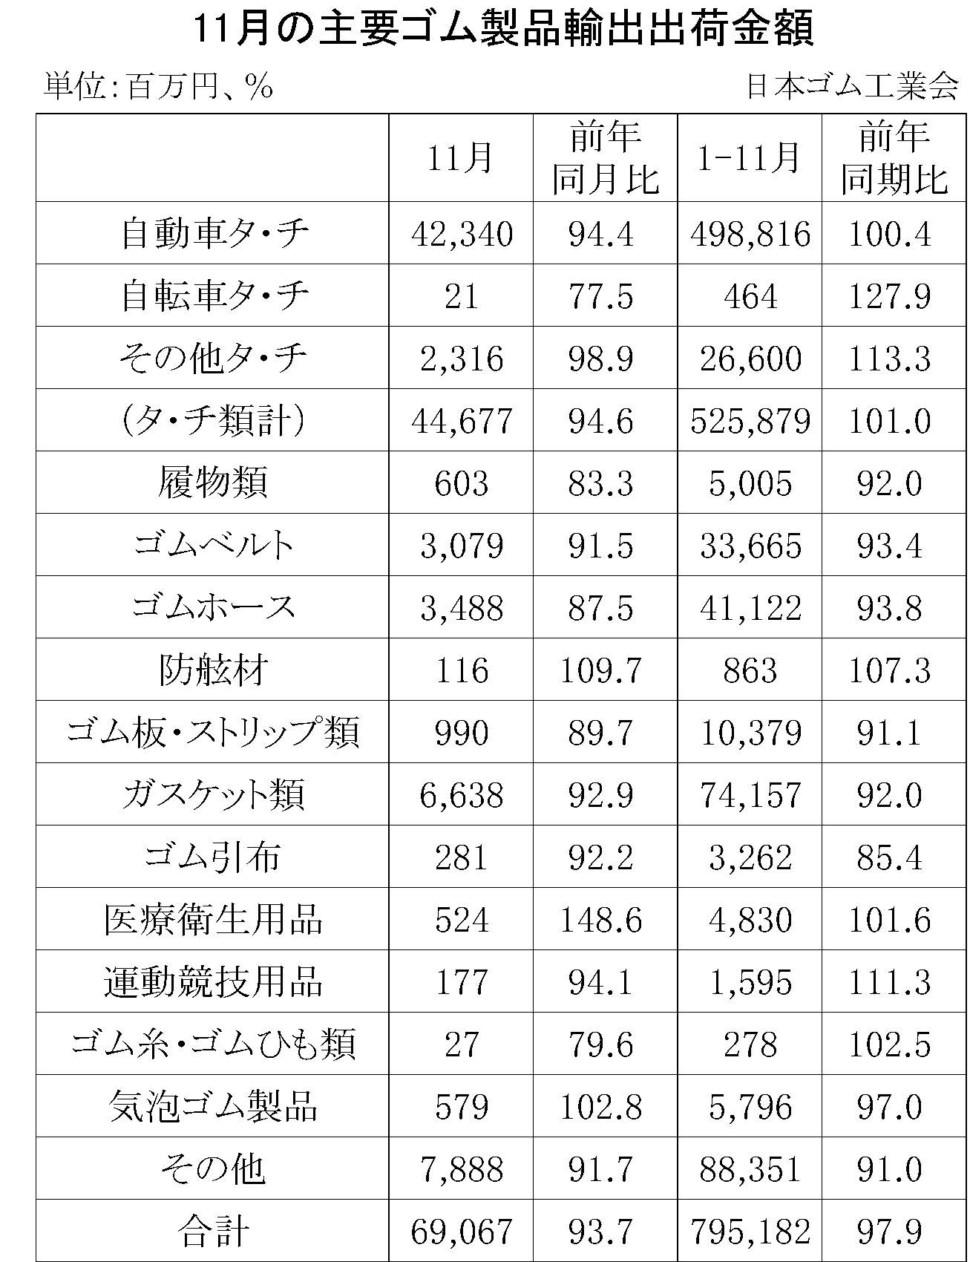 11月のゴム製品輸出